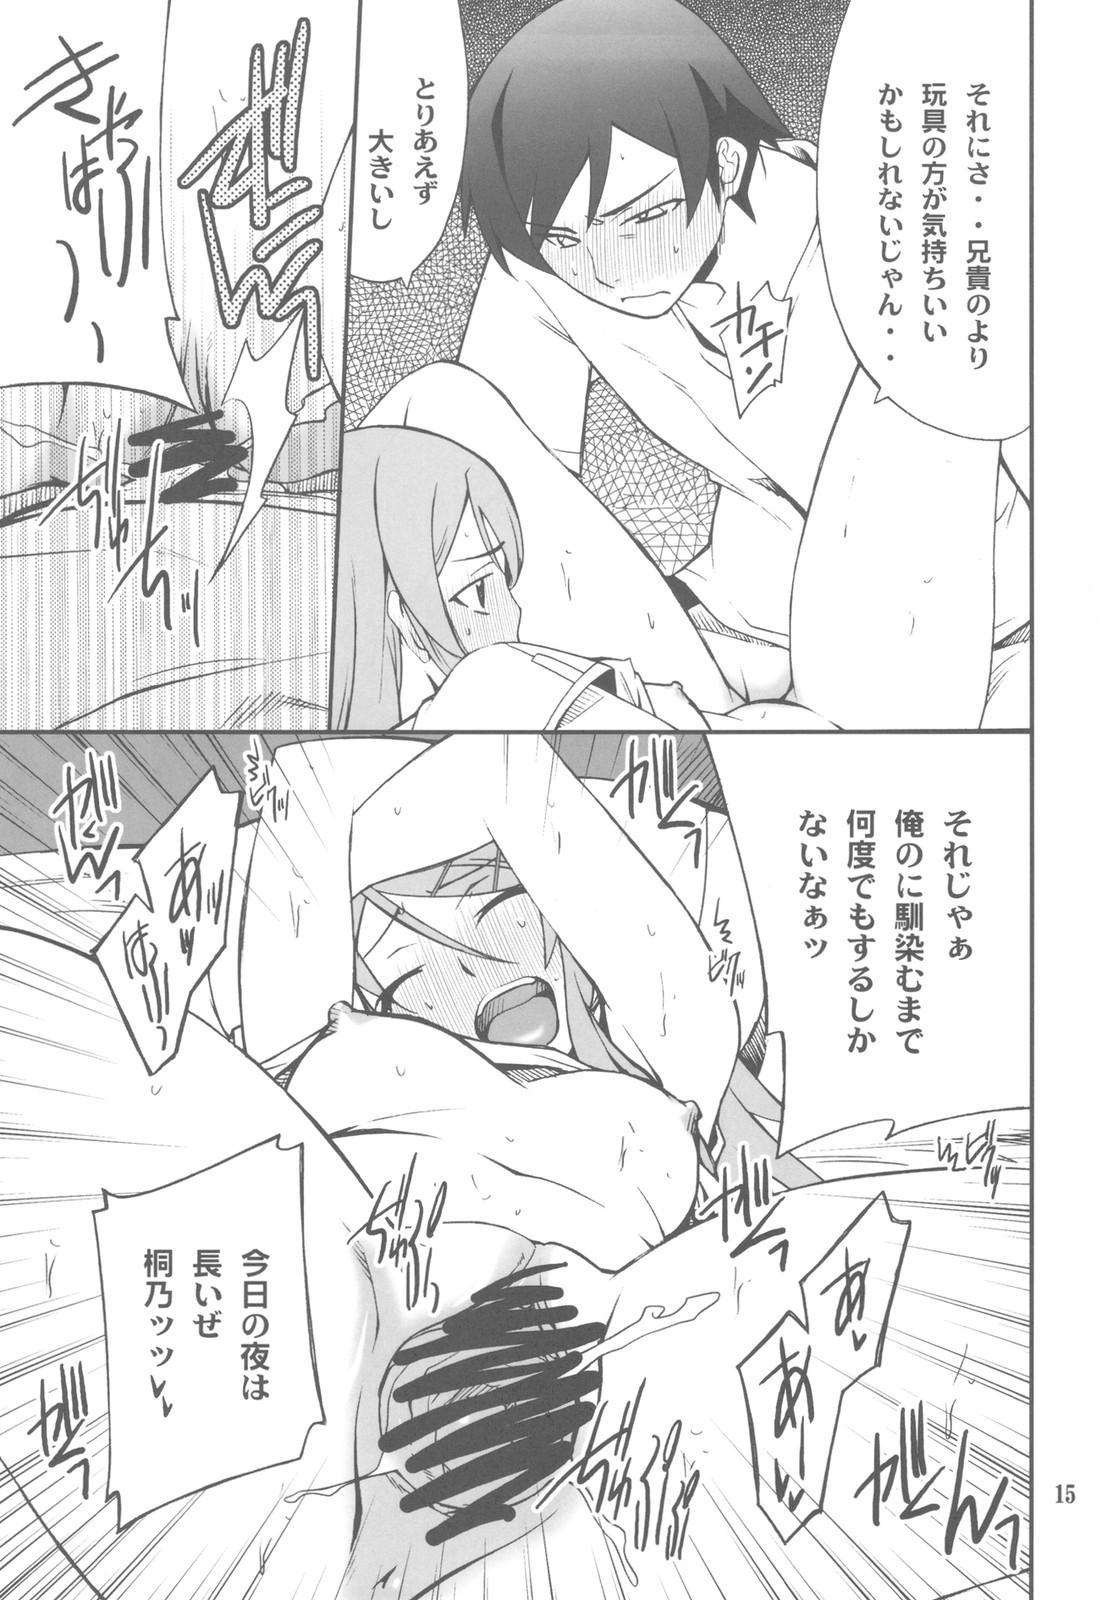 Ore x Imouto Kouryaku Daisakusen!! 02 + Omake Hon 14